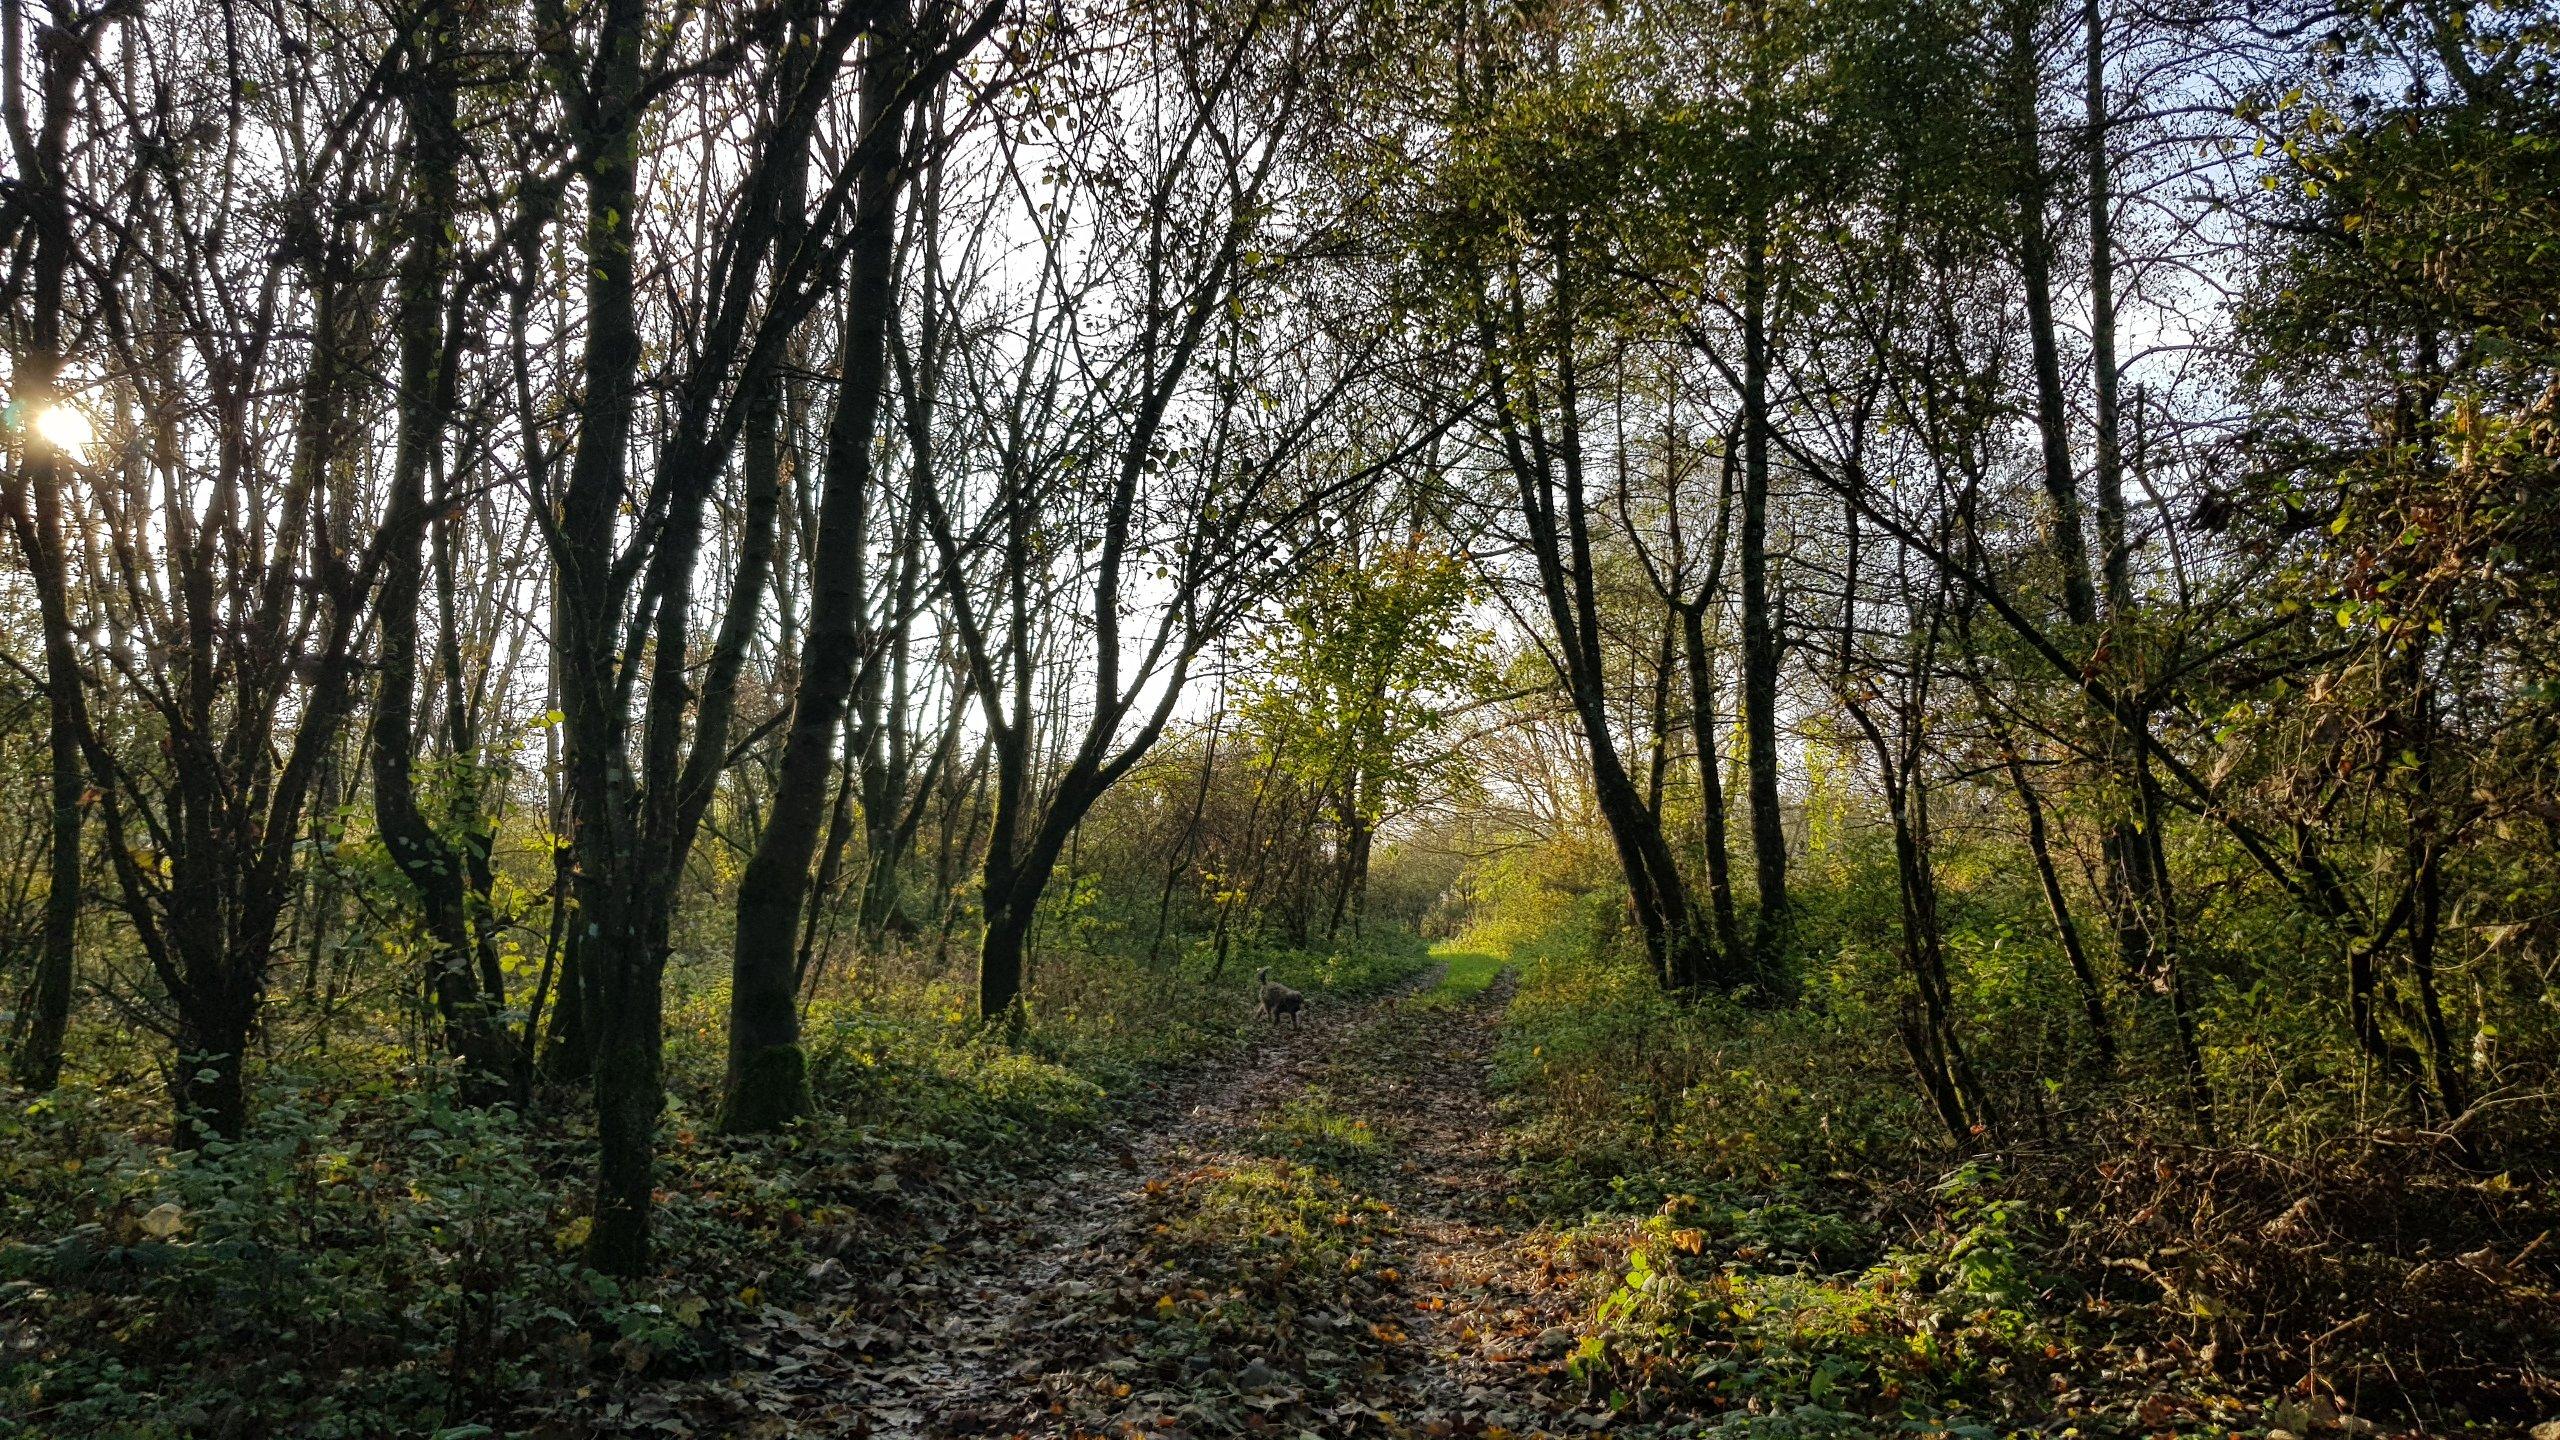 Waldweg im Licht-und Schattenspiel. Ich liebe das Blätterrascheln unter den Füssen.